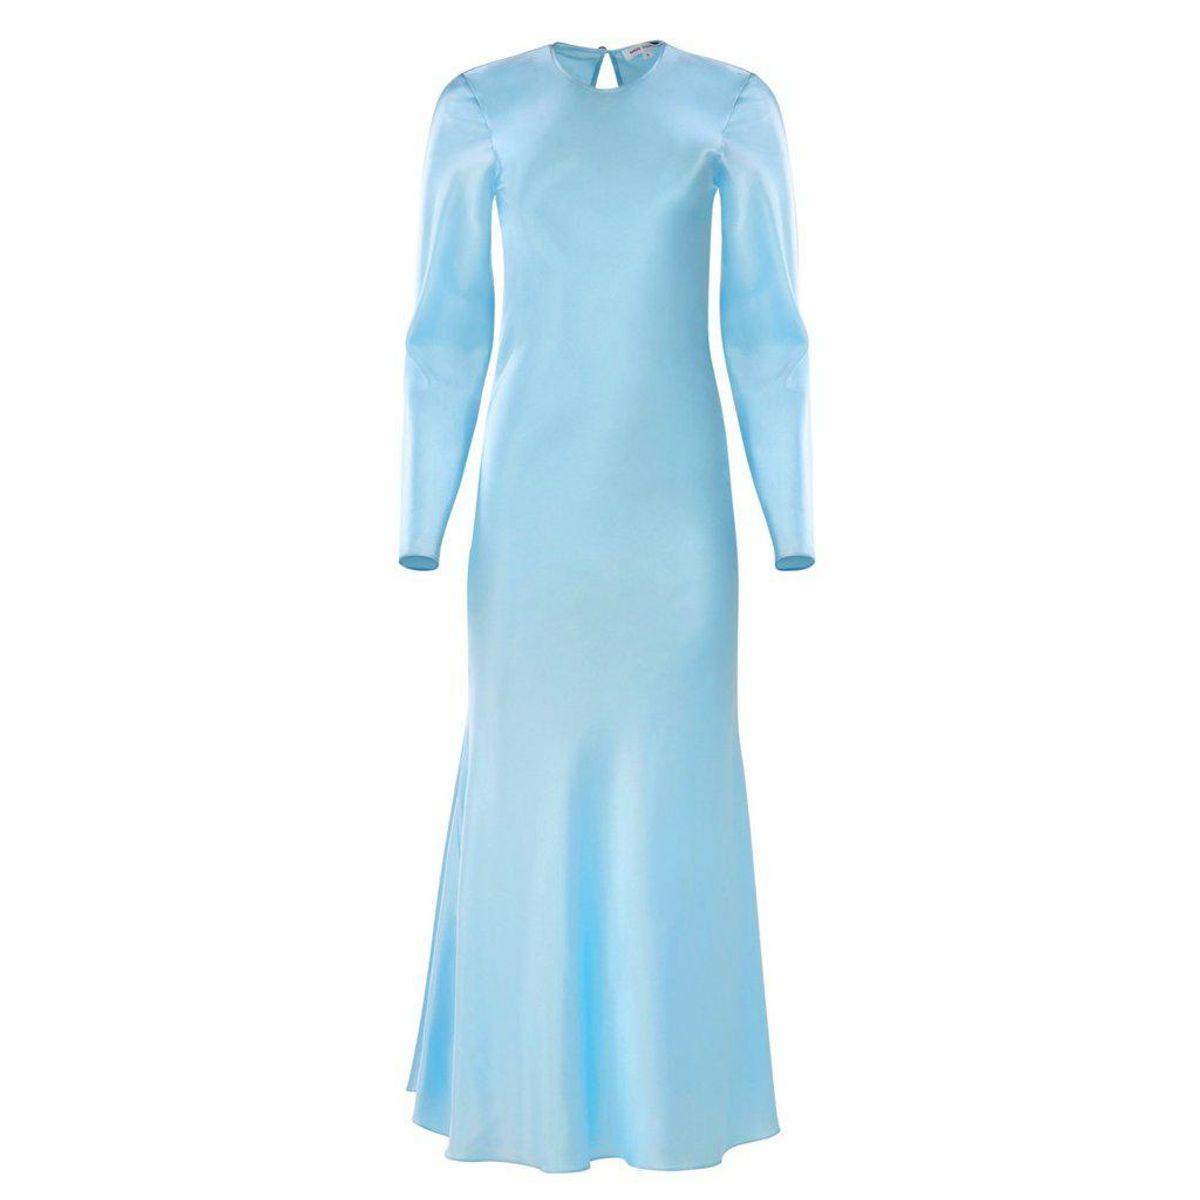 Fiori Dress